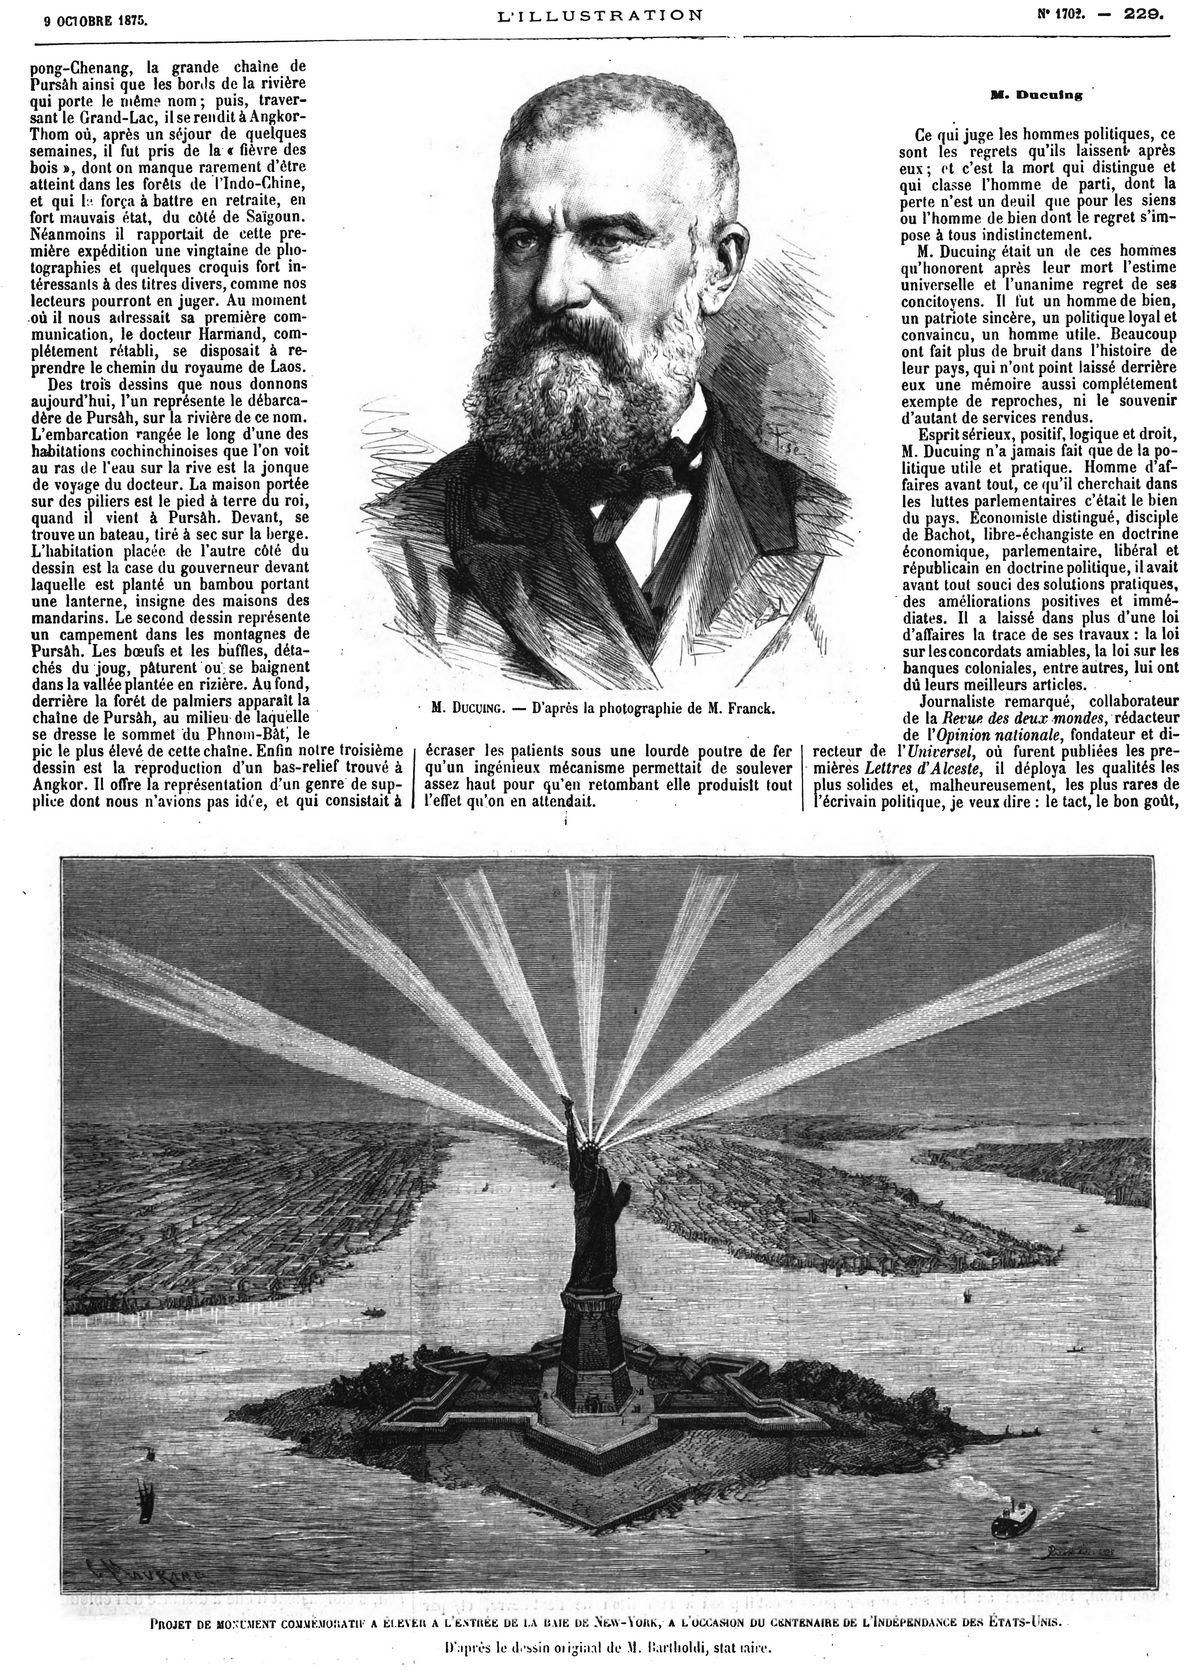 M. Ducuing. 1875 — Projet de monument commémoratif à élever à l'entrée de la baie de New-York, à l'occasion du centenaire de l'indépendance des Etats-Unis. 1875